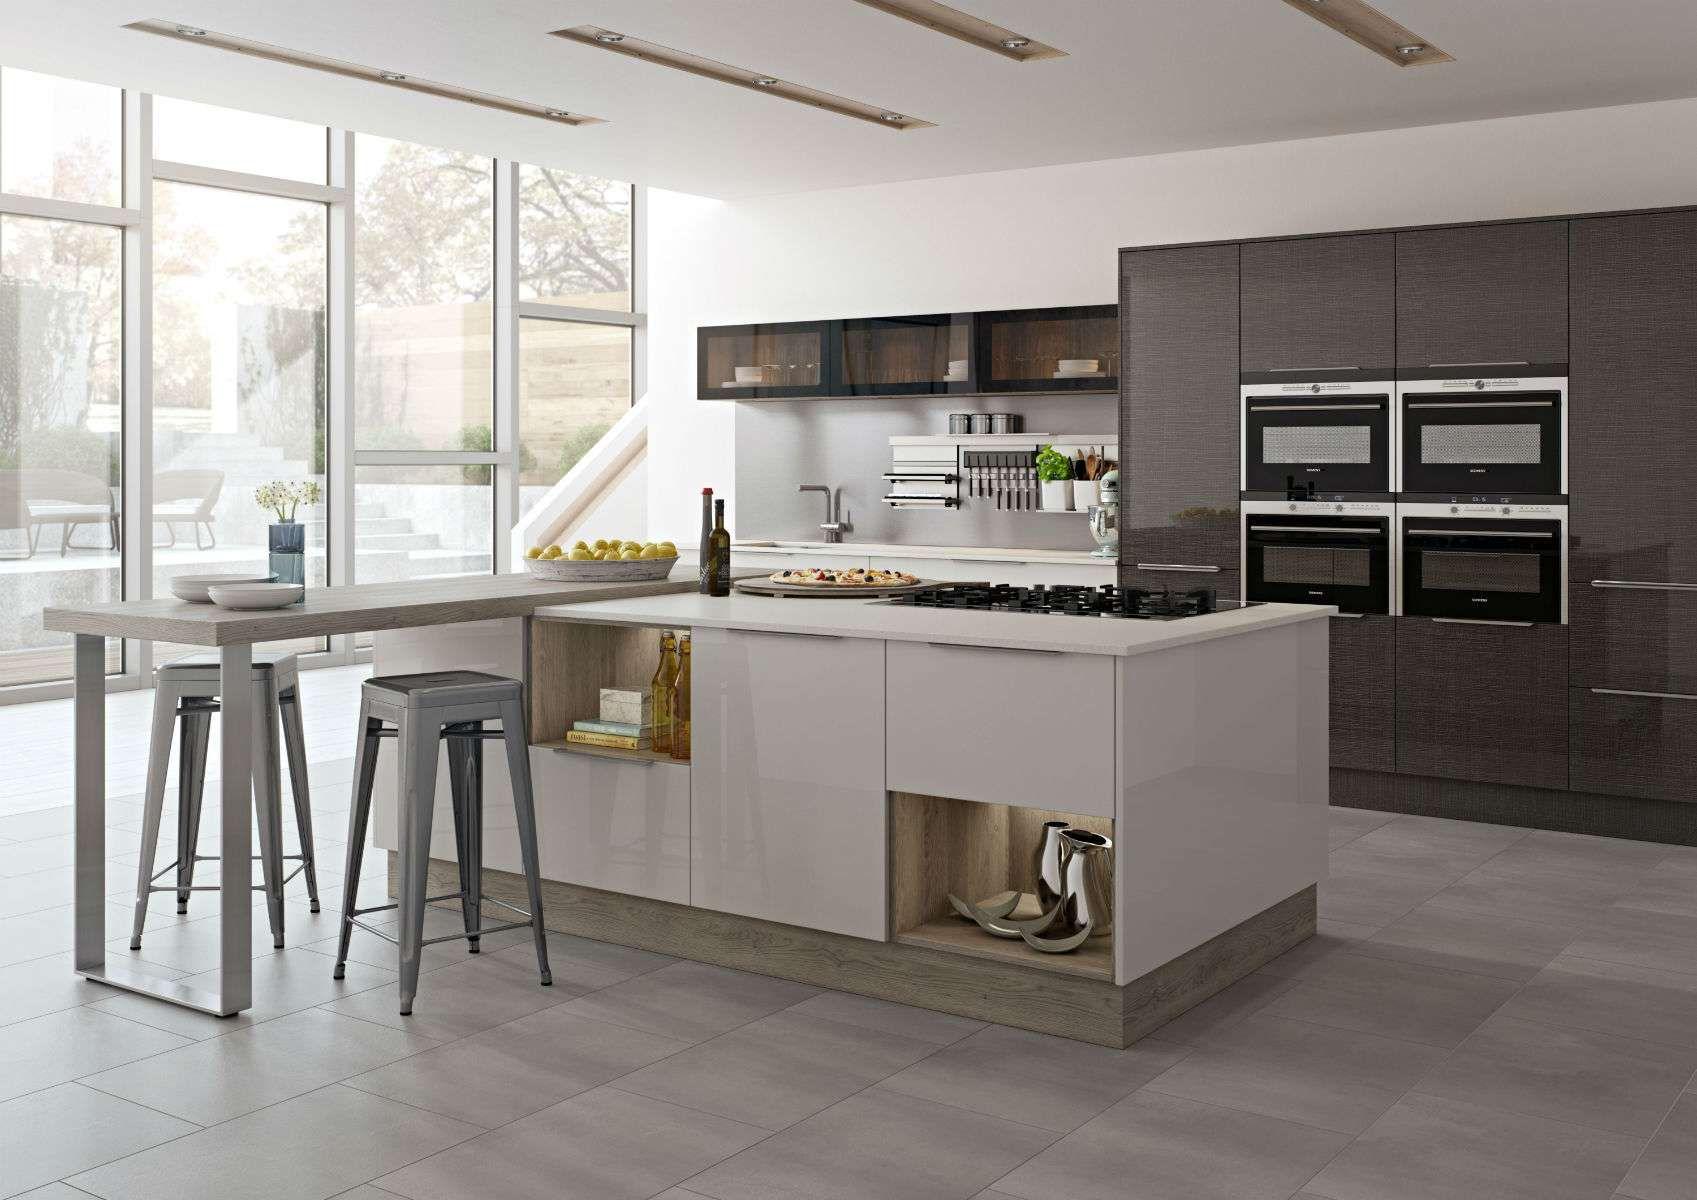 Kitchen showroom in maidenhead luxury kitchen designs berkshire